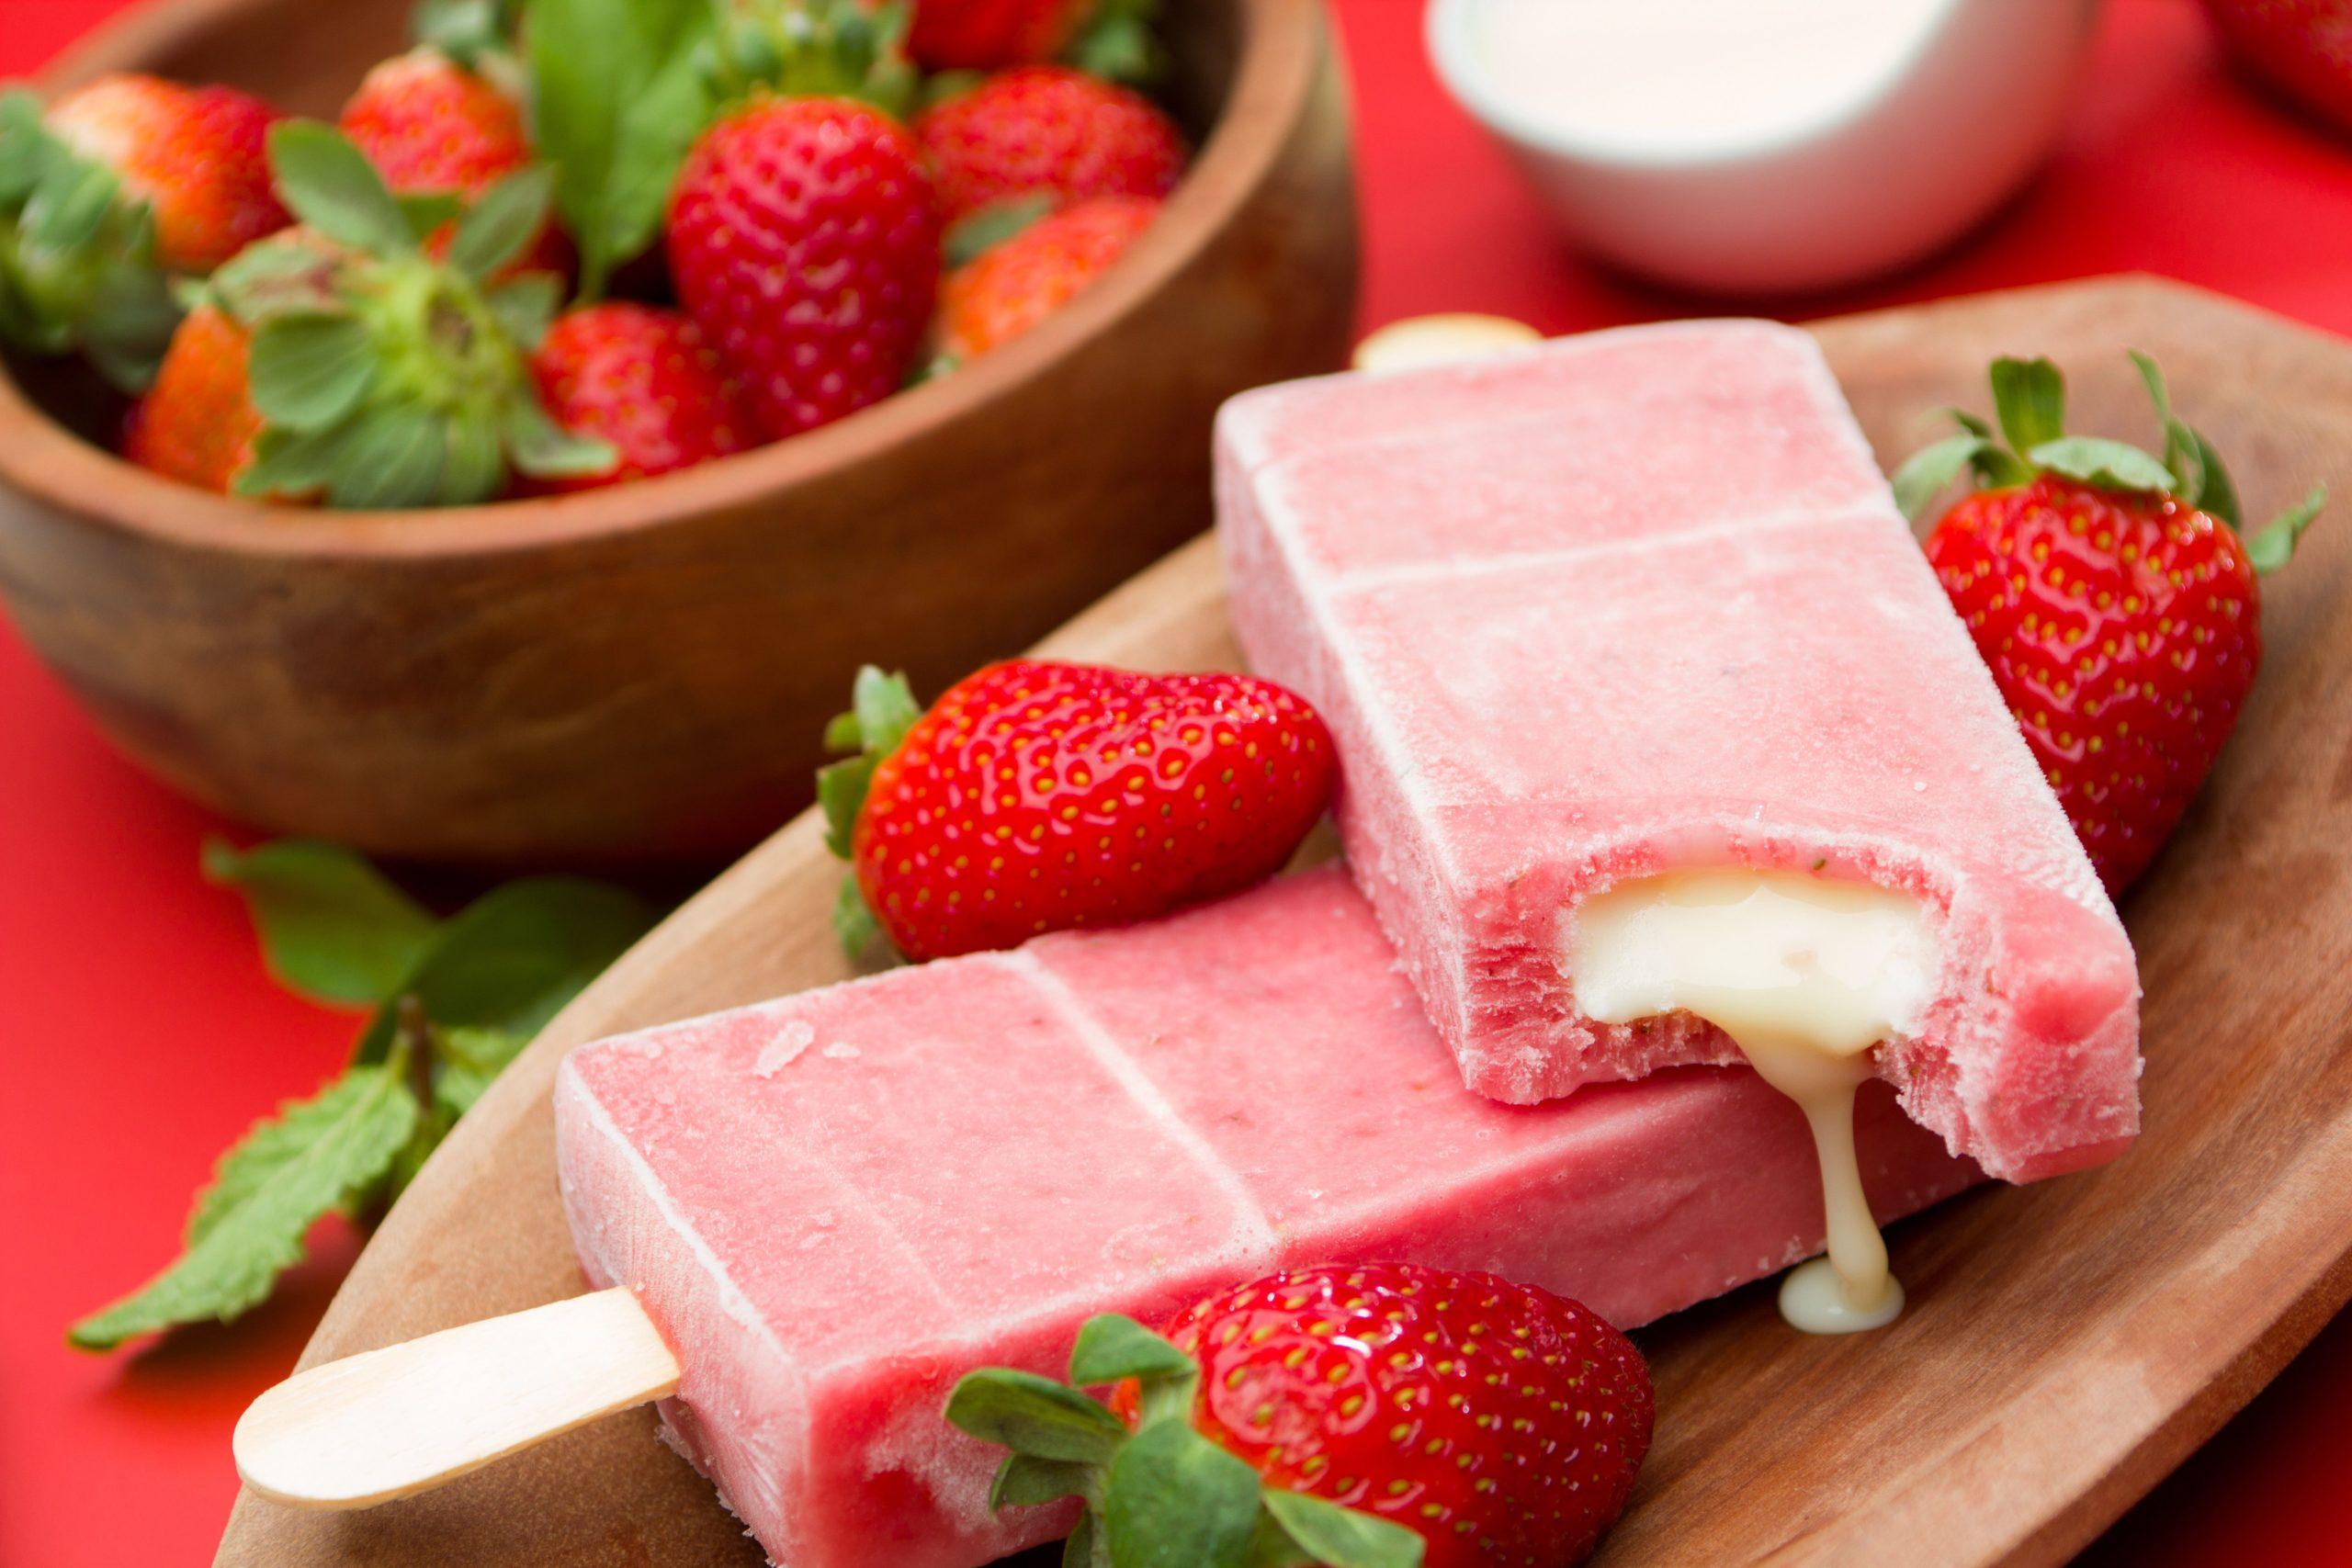 icecream picture